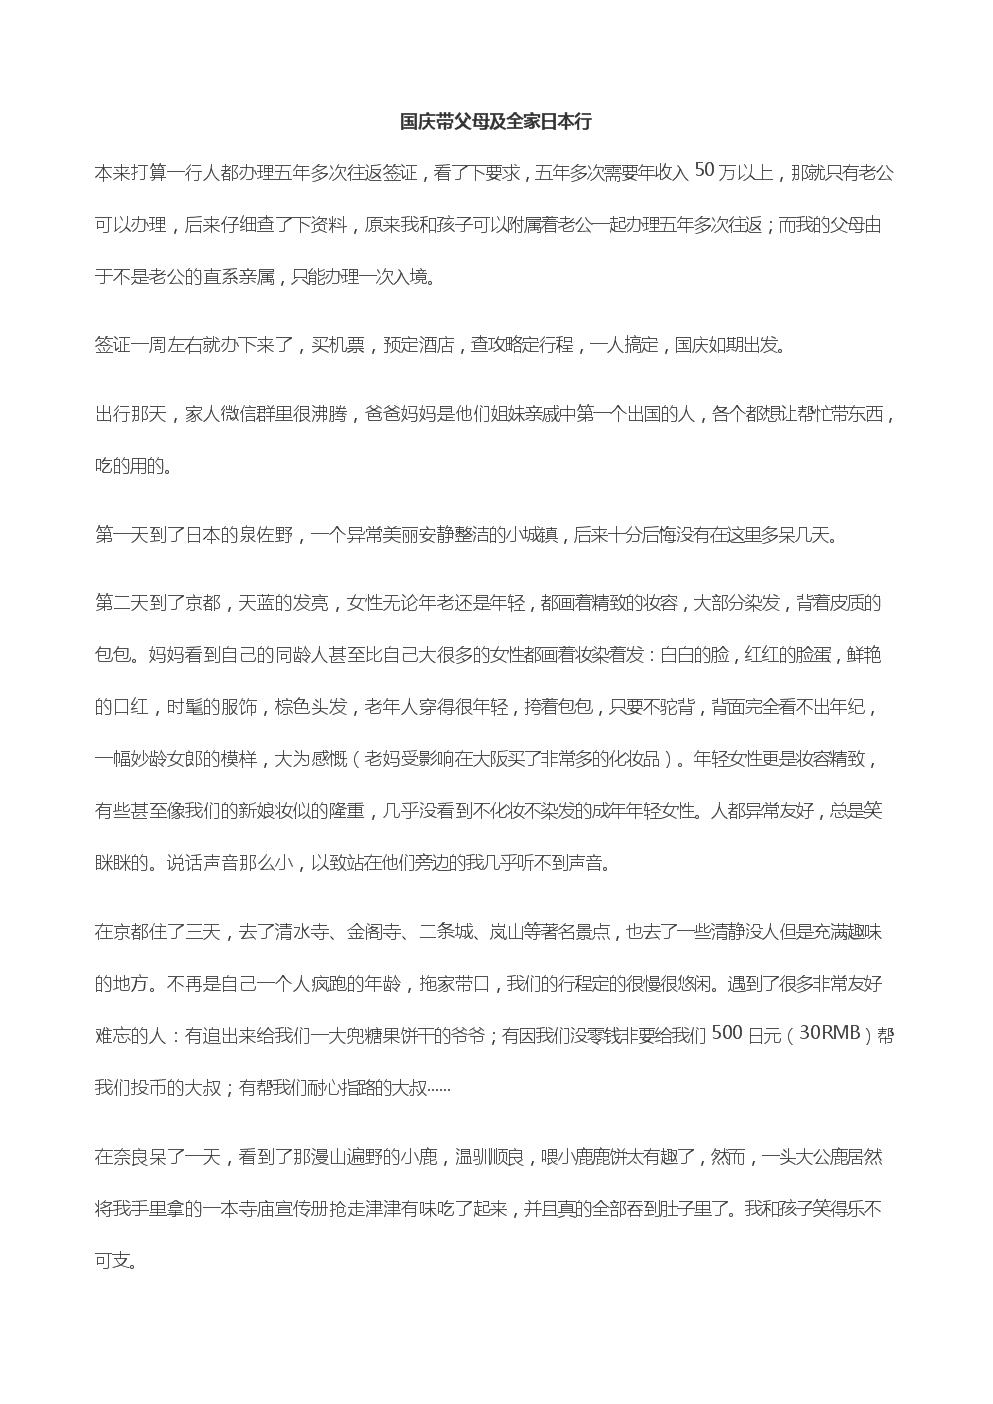 国庆带父母及全家日本行.docx